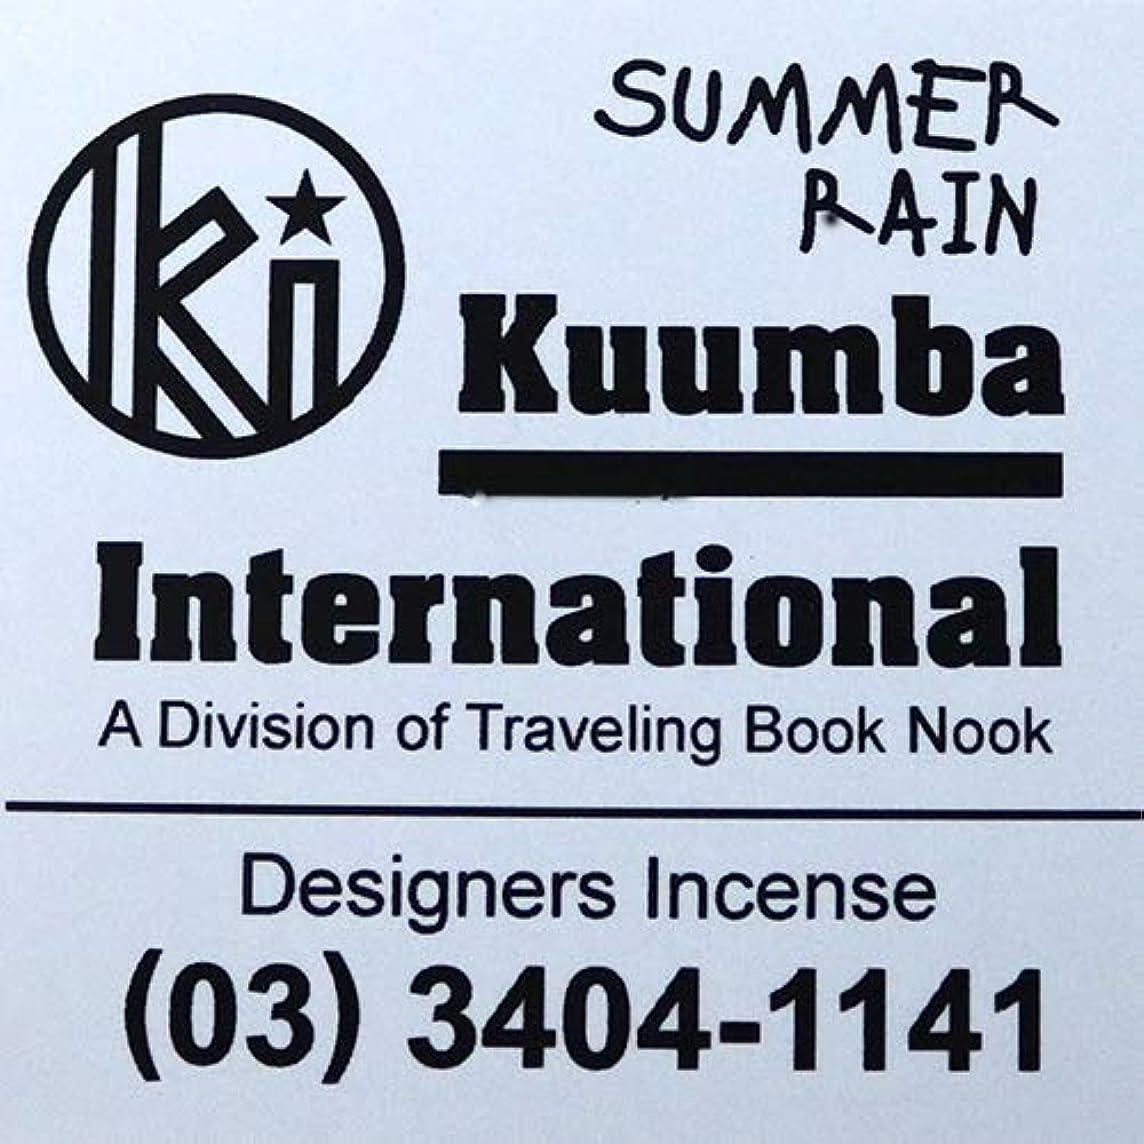 上陸ジョットディボンドンしたがって(クンバ) KUUMBA『incense』(SUMMER RAIN) (SUMMER RAIN, Regular size)